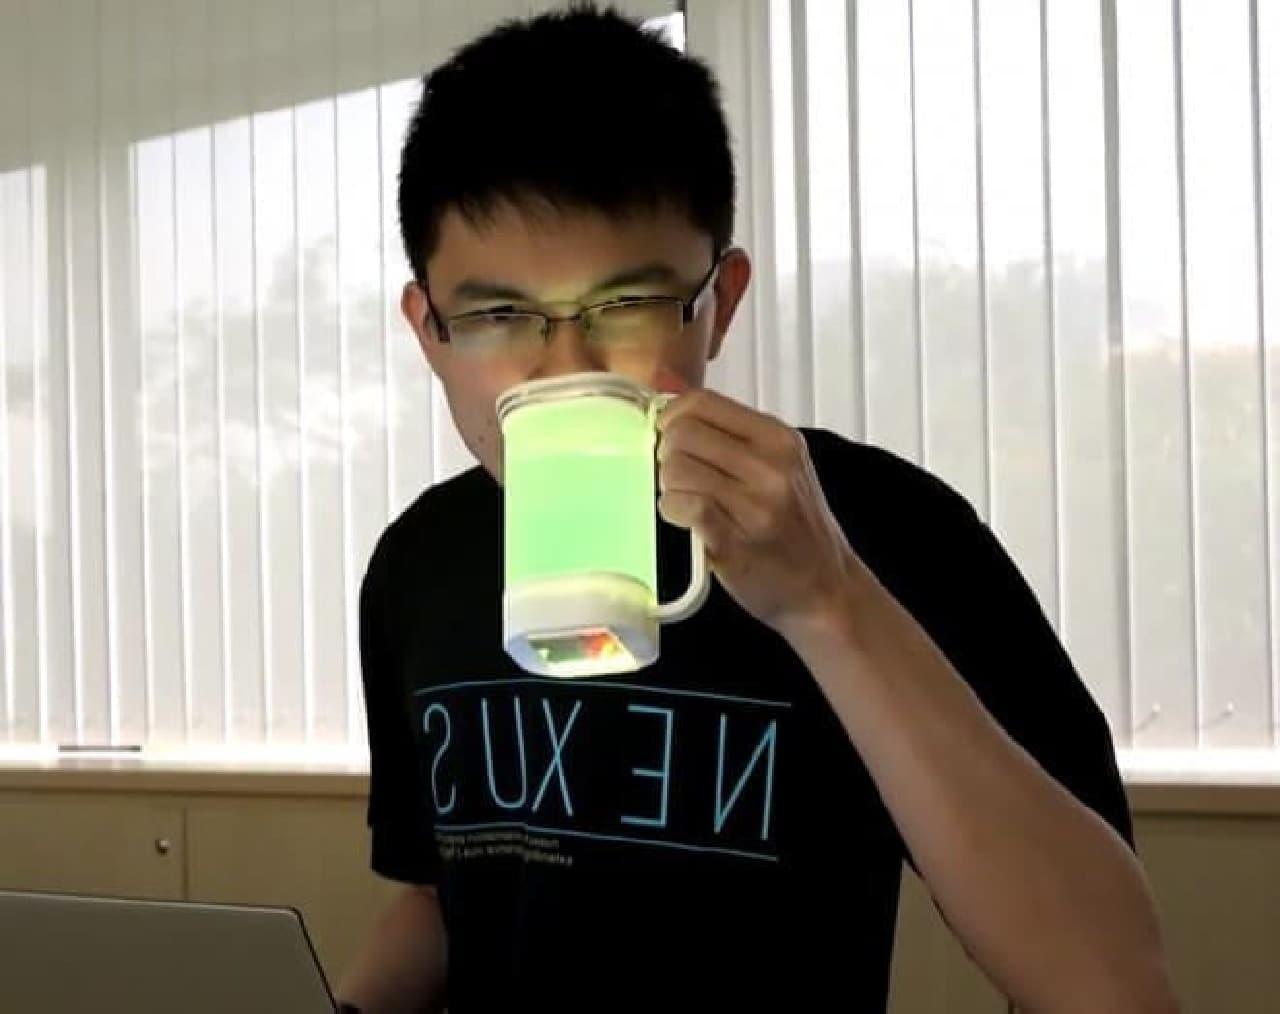 飲み物の味をデジタル転送する技術、開発中